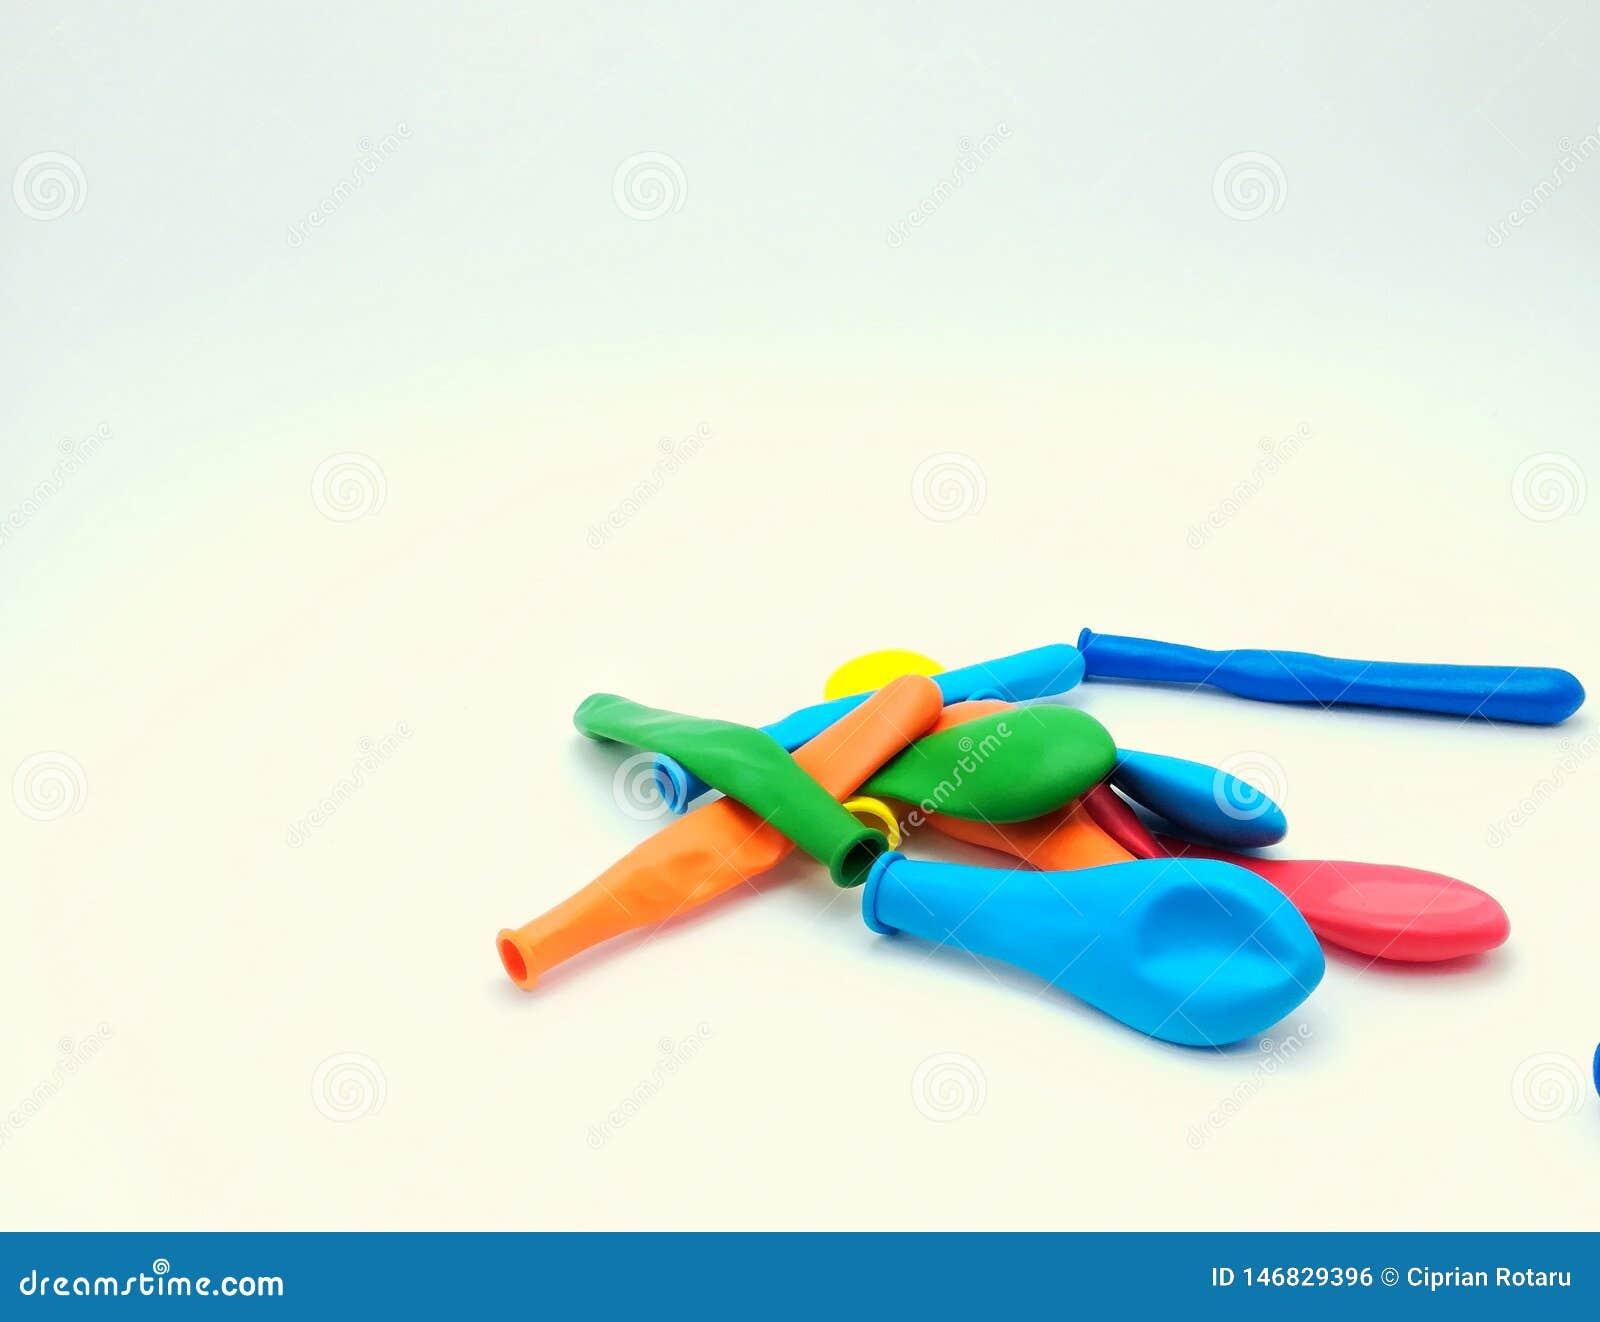 Ballons colorés pour les enfants heureux